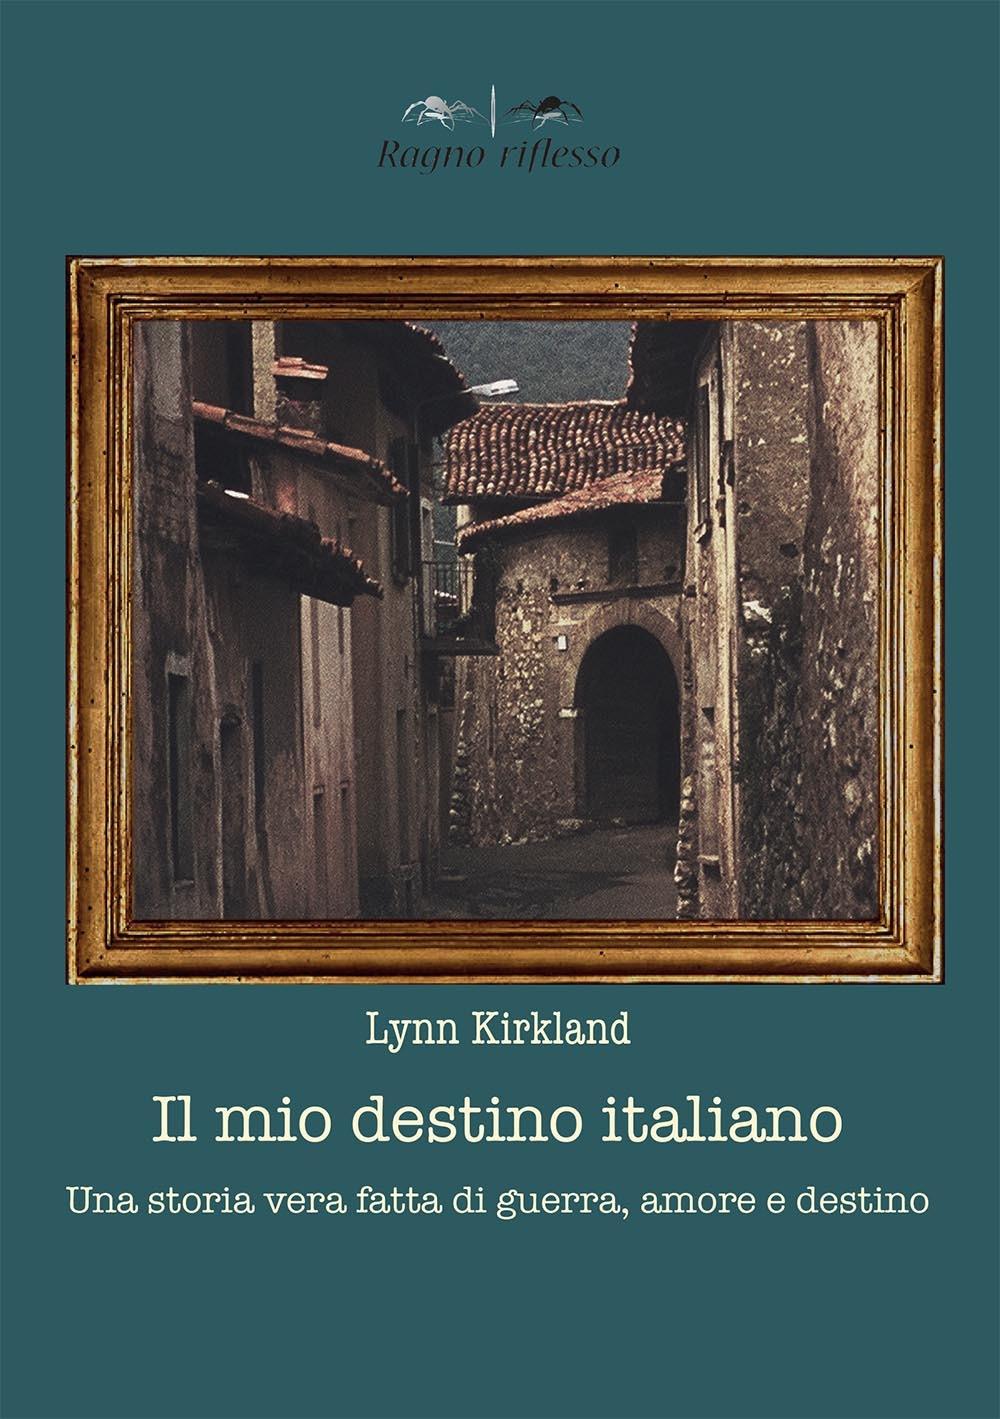 Il mio destino italiano. Una storia vera fatta di amore, morte e destino